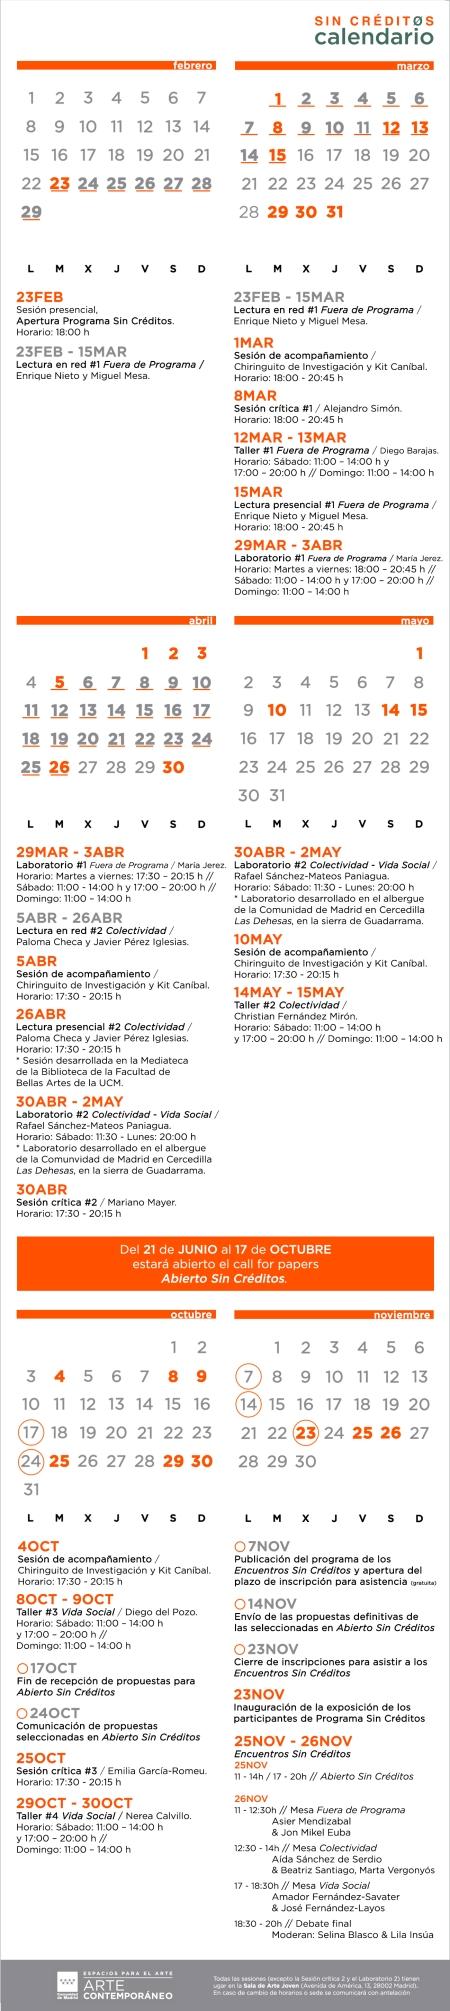 calendario_web_po_actualizado_13oct